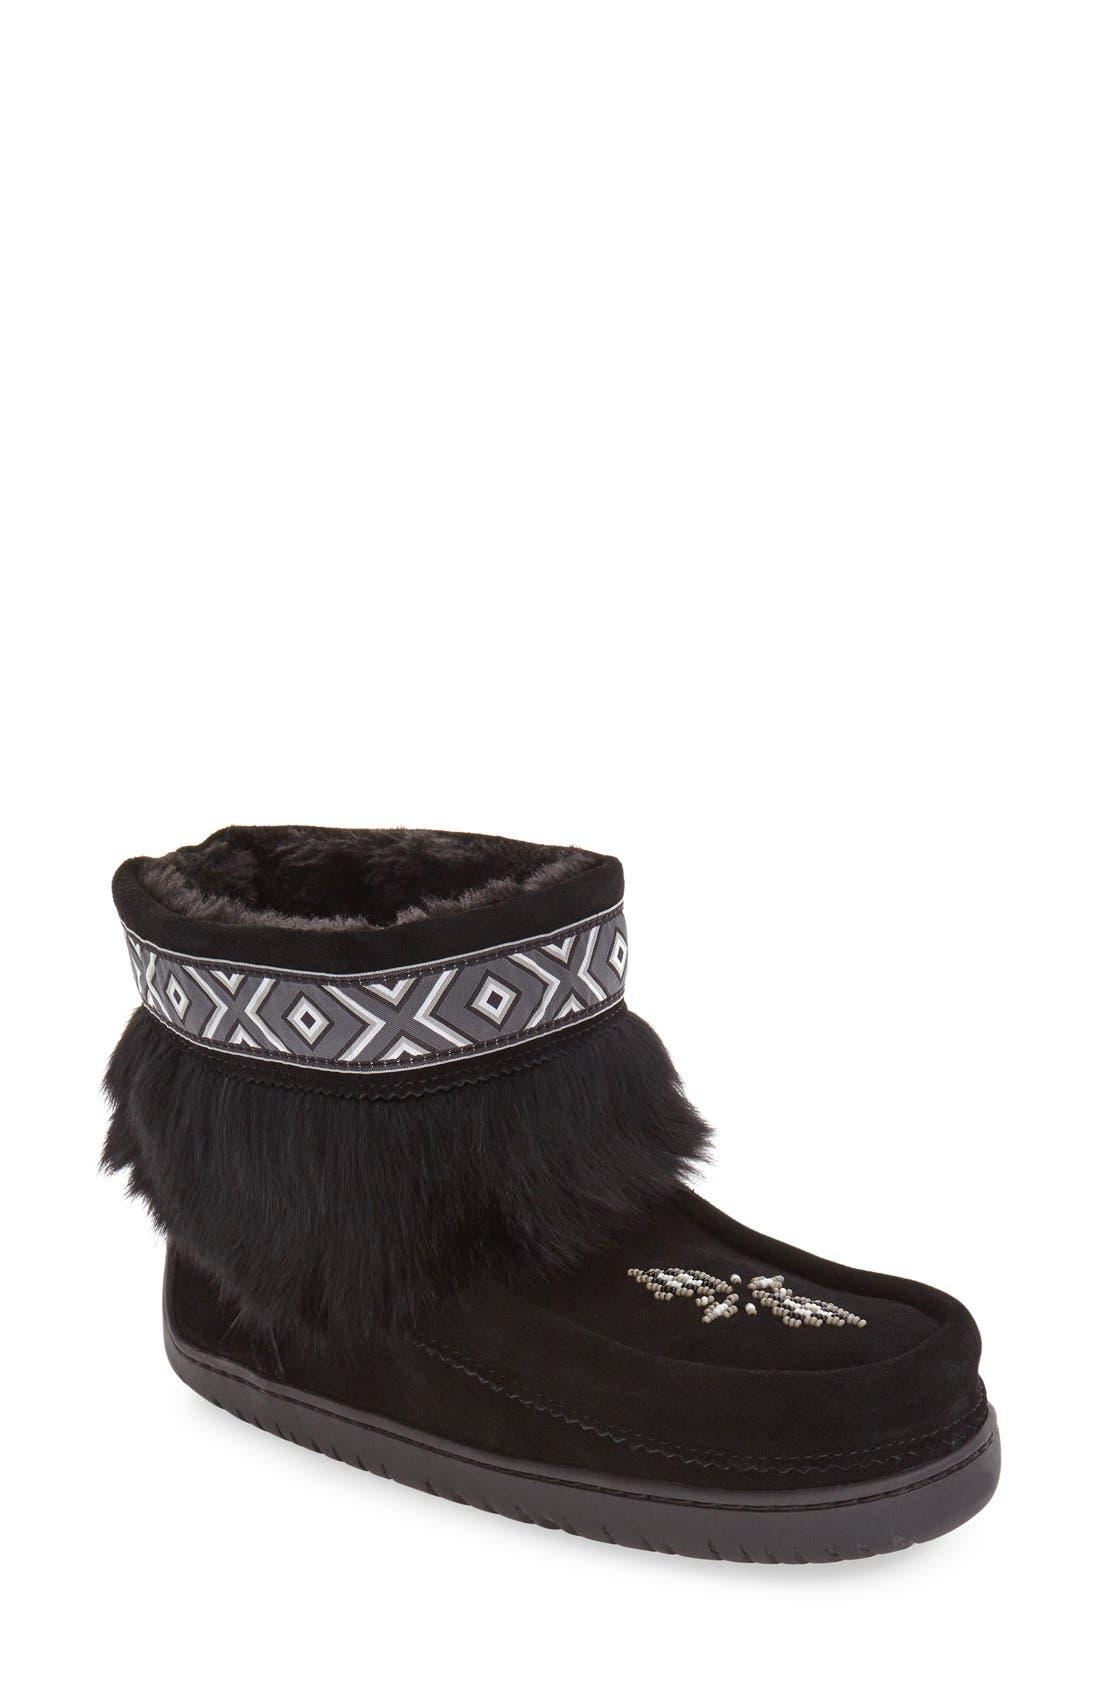 'Keewatin' Genuine Shearling and Rabbit Fur Boot,                             Main thumbnail 1, color,                             001